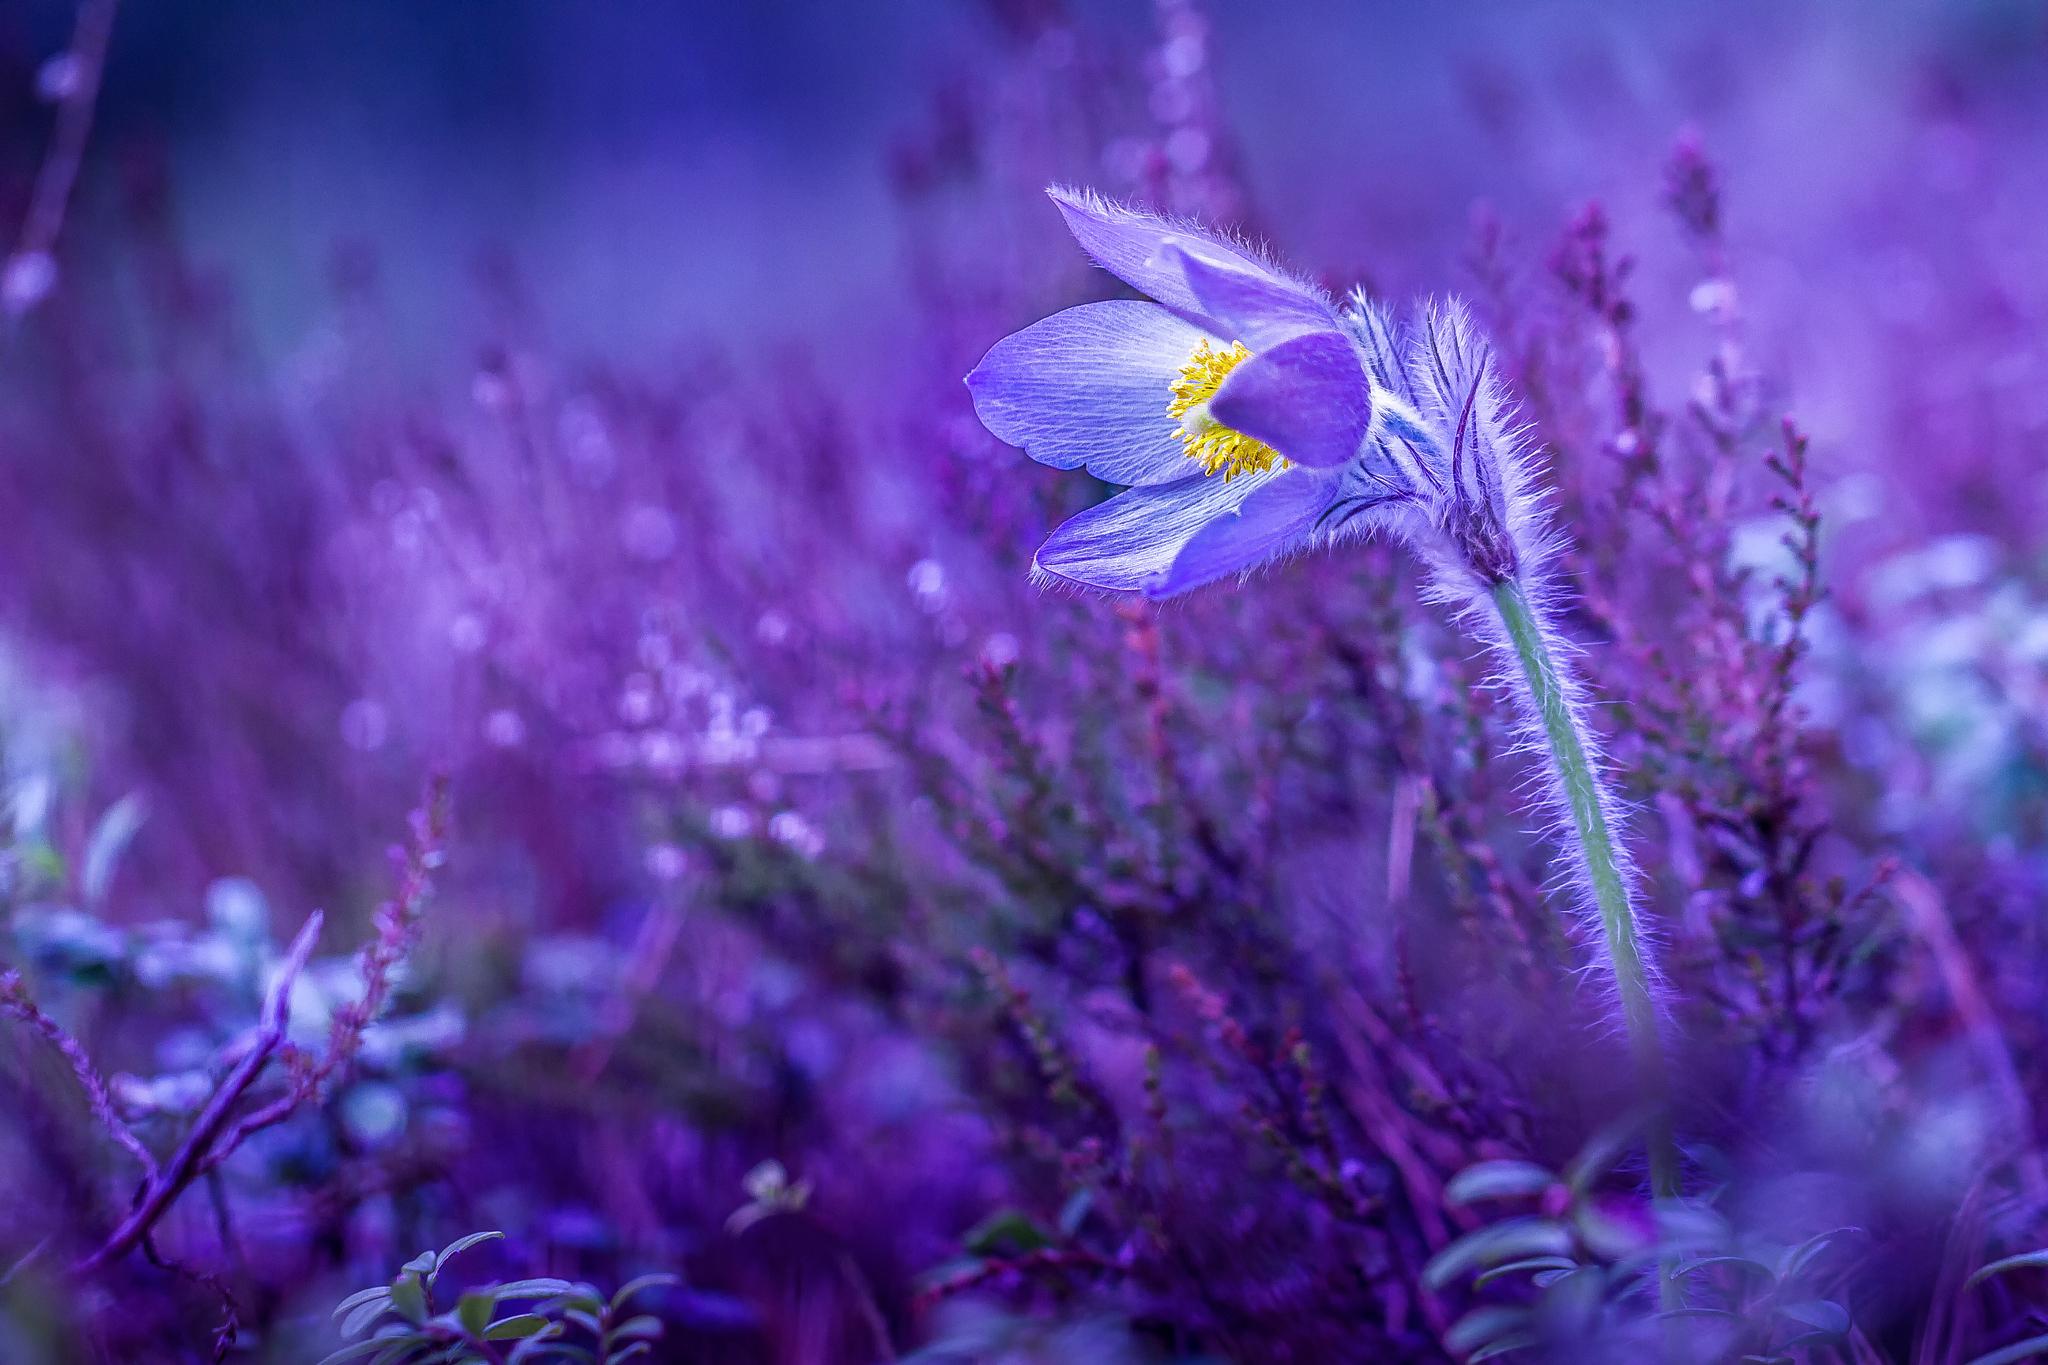 отдыха красивые картинки весенние цветы в ночи следующем квартале седан